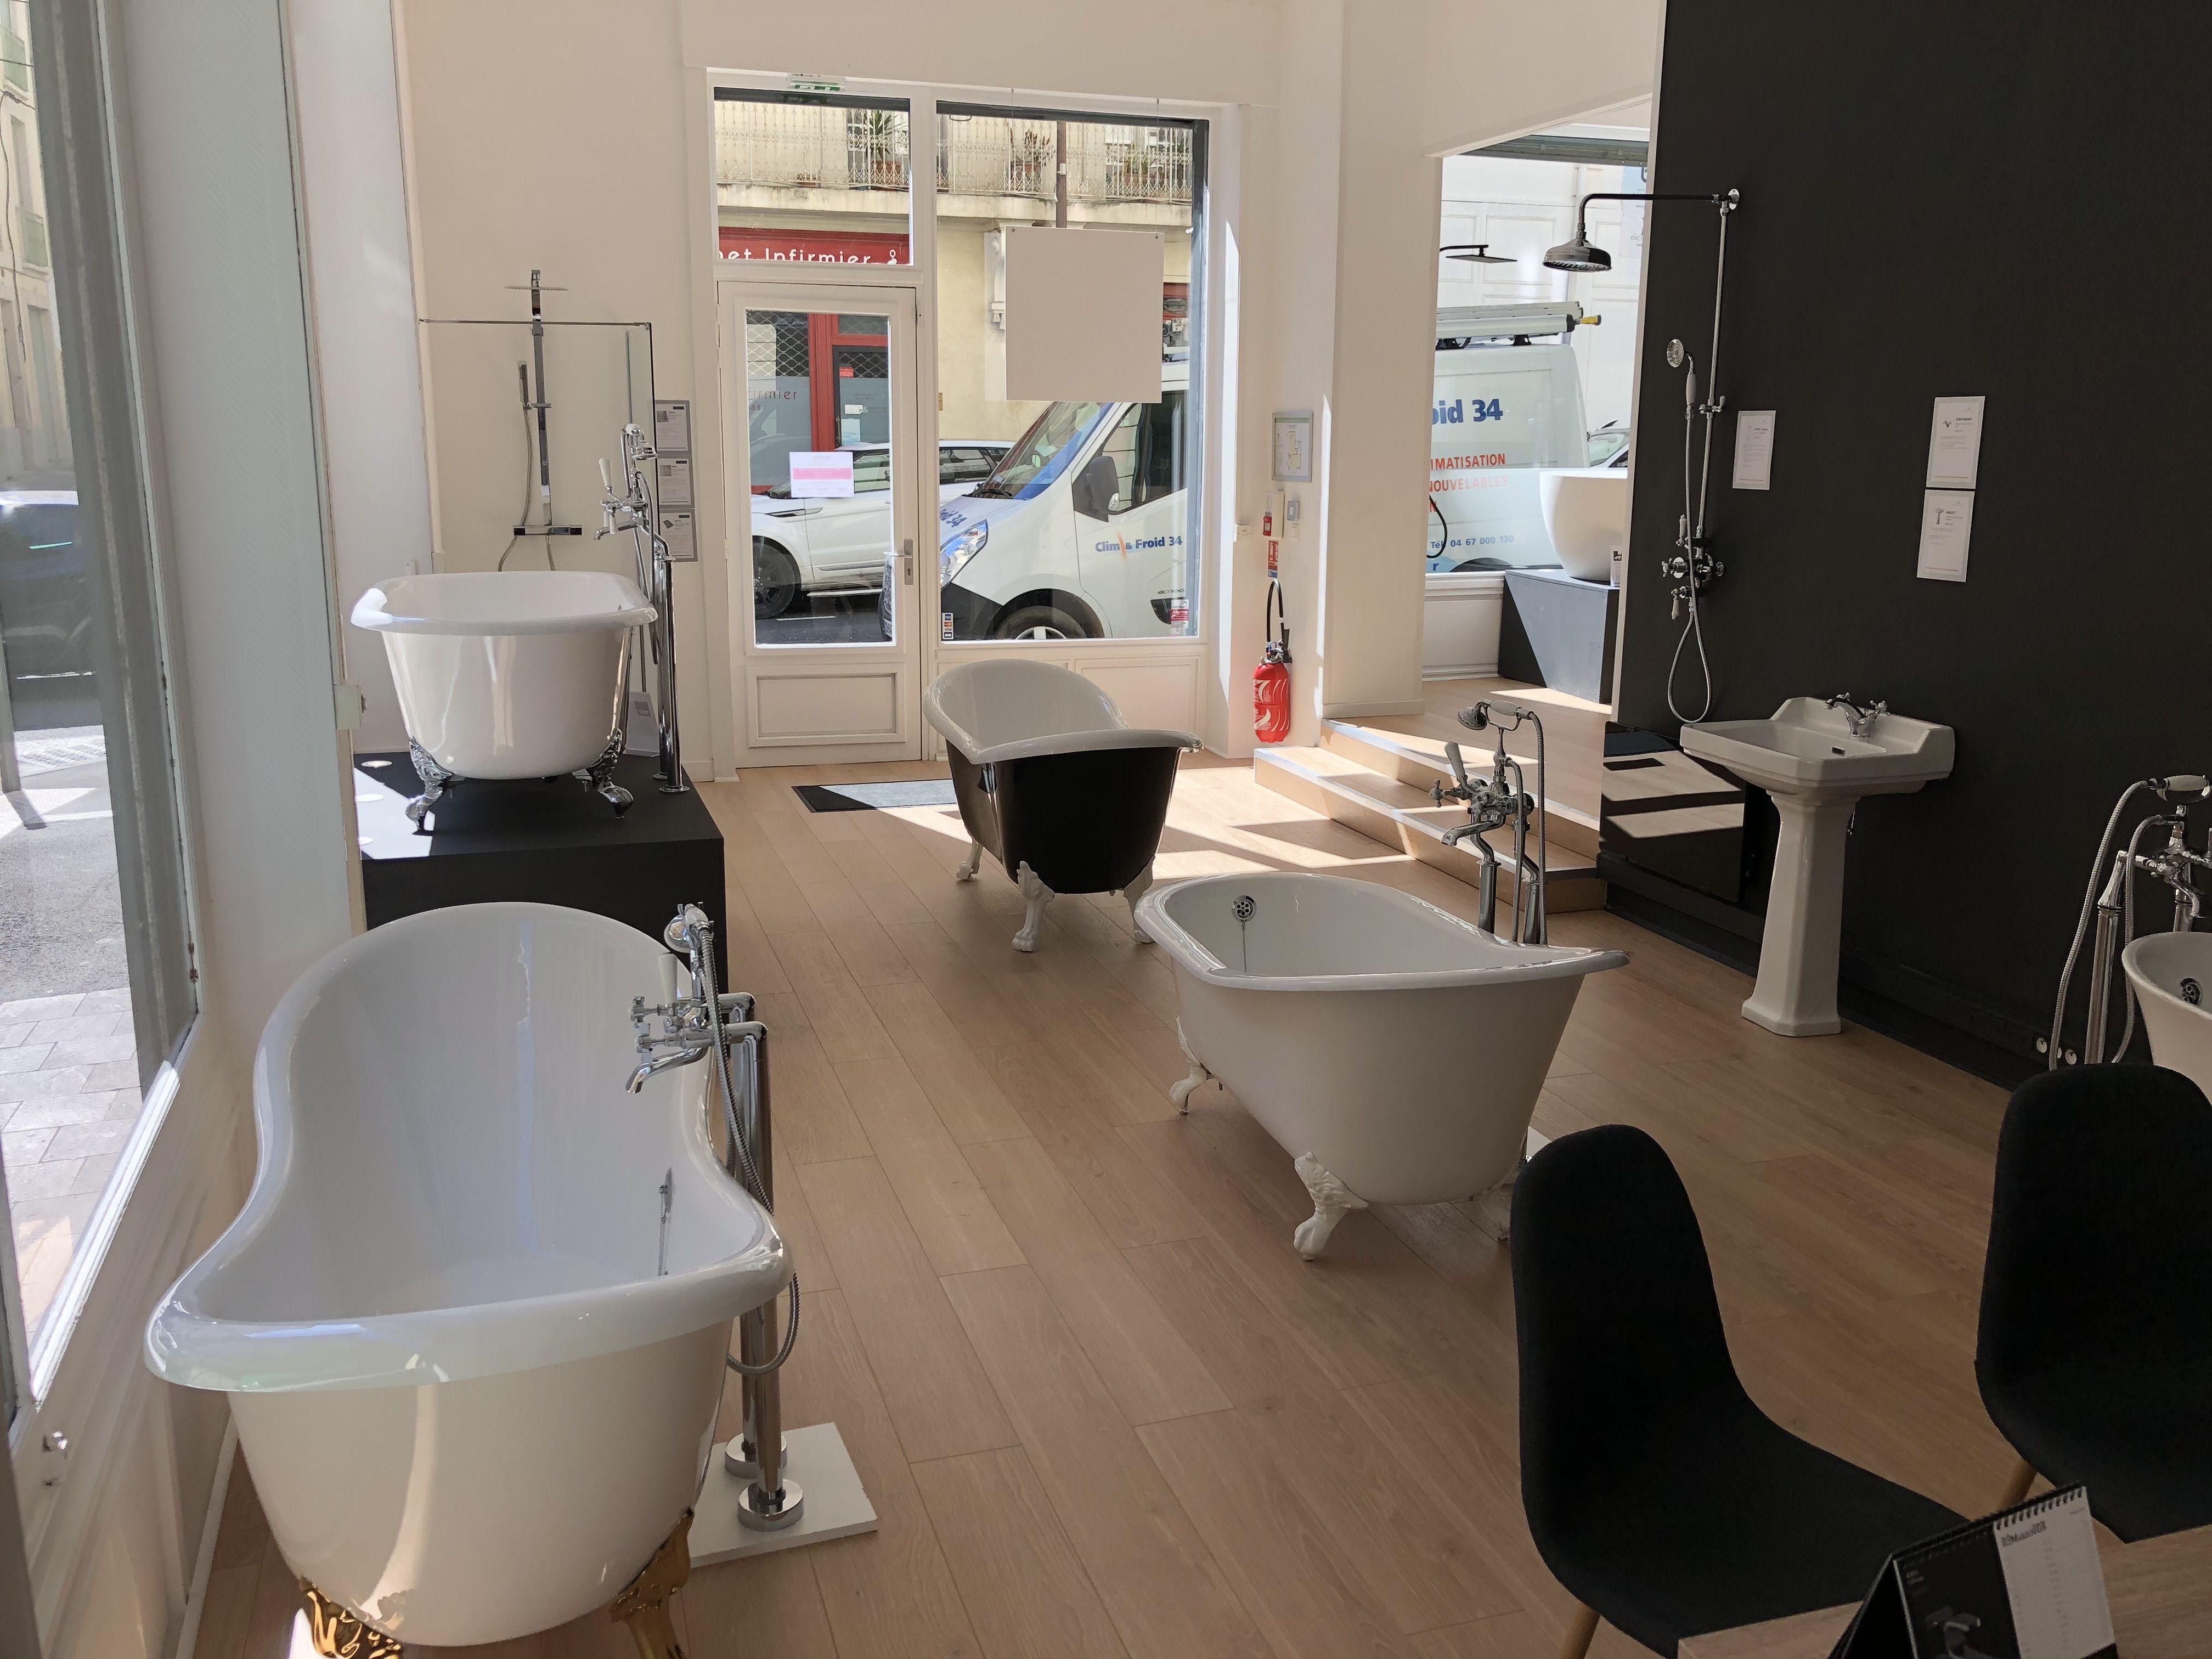 Nos showrooms salle de bain  Showroom salle de bain, Magasin